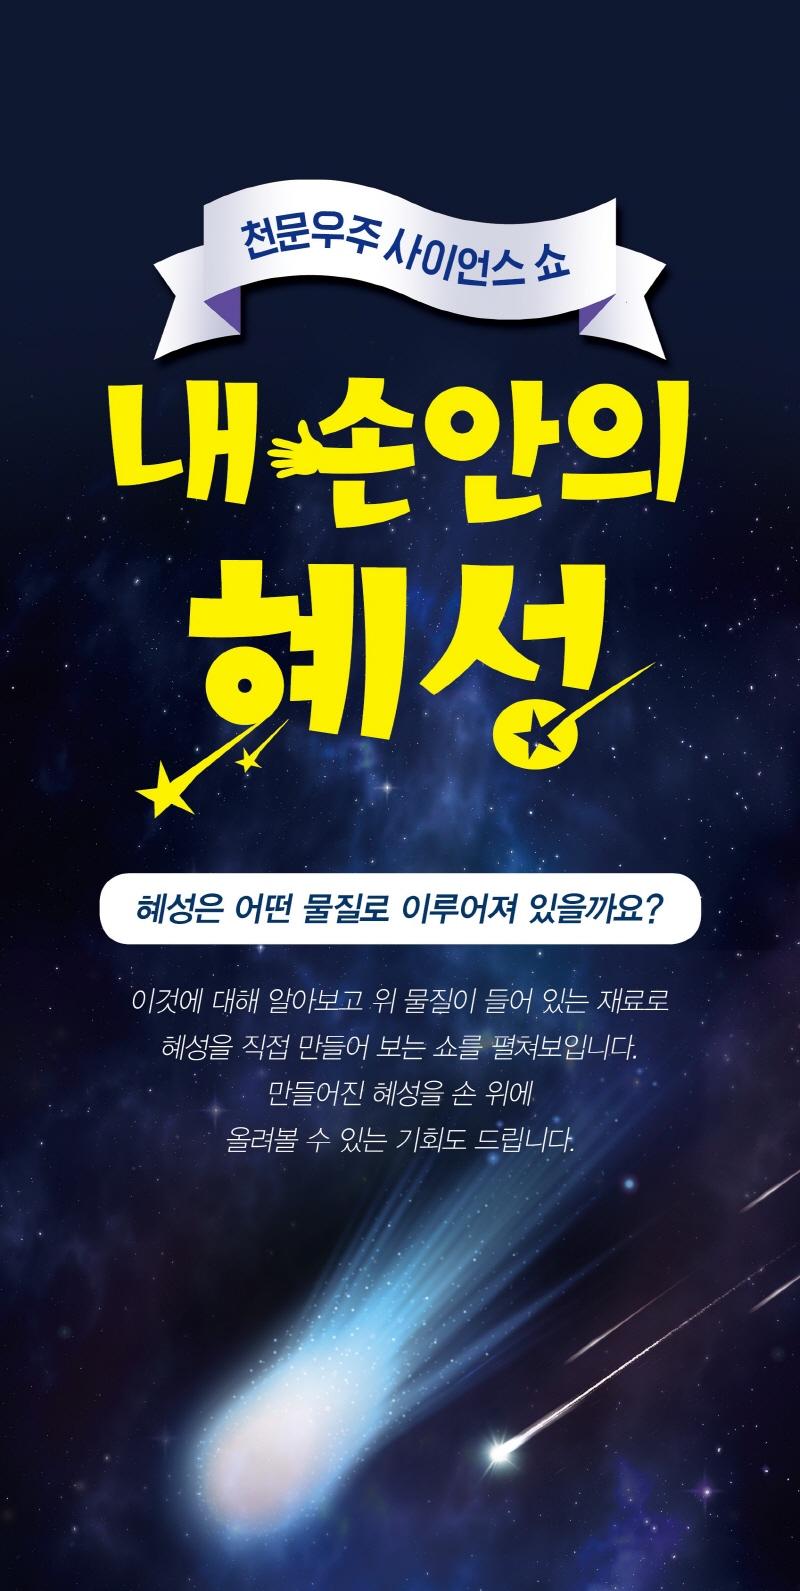 천문우주 사이언스 쇼 포스터